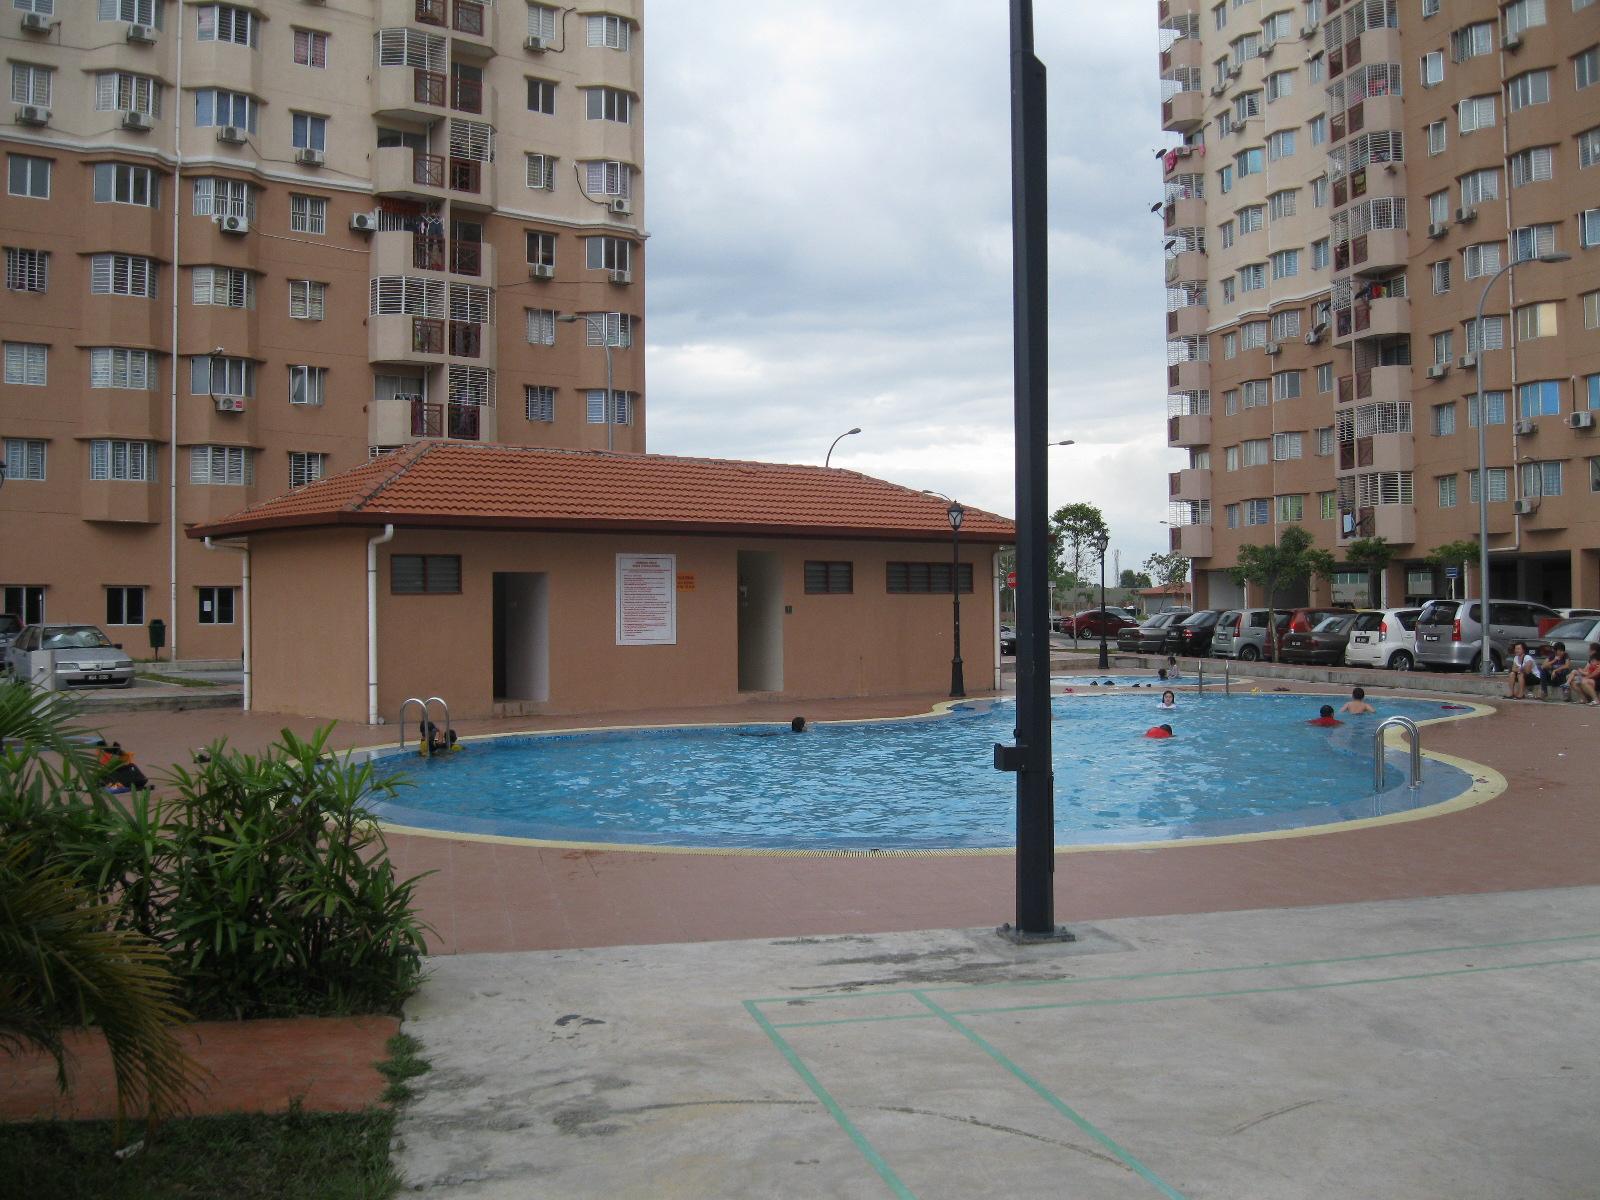 Blog Rumah Kosong  Apartment Damai  Subang Bestari U4